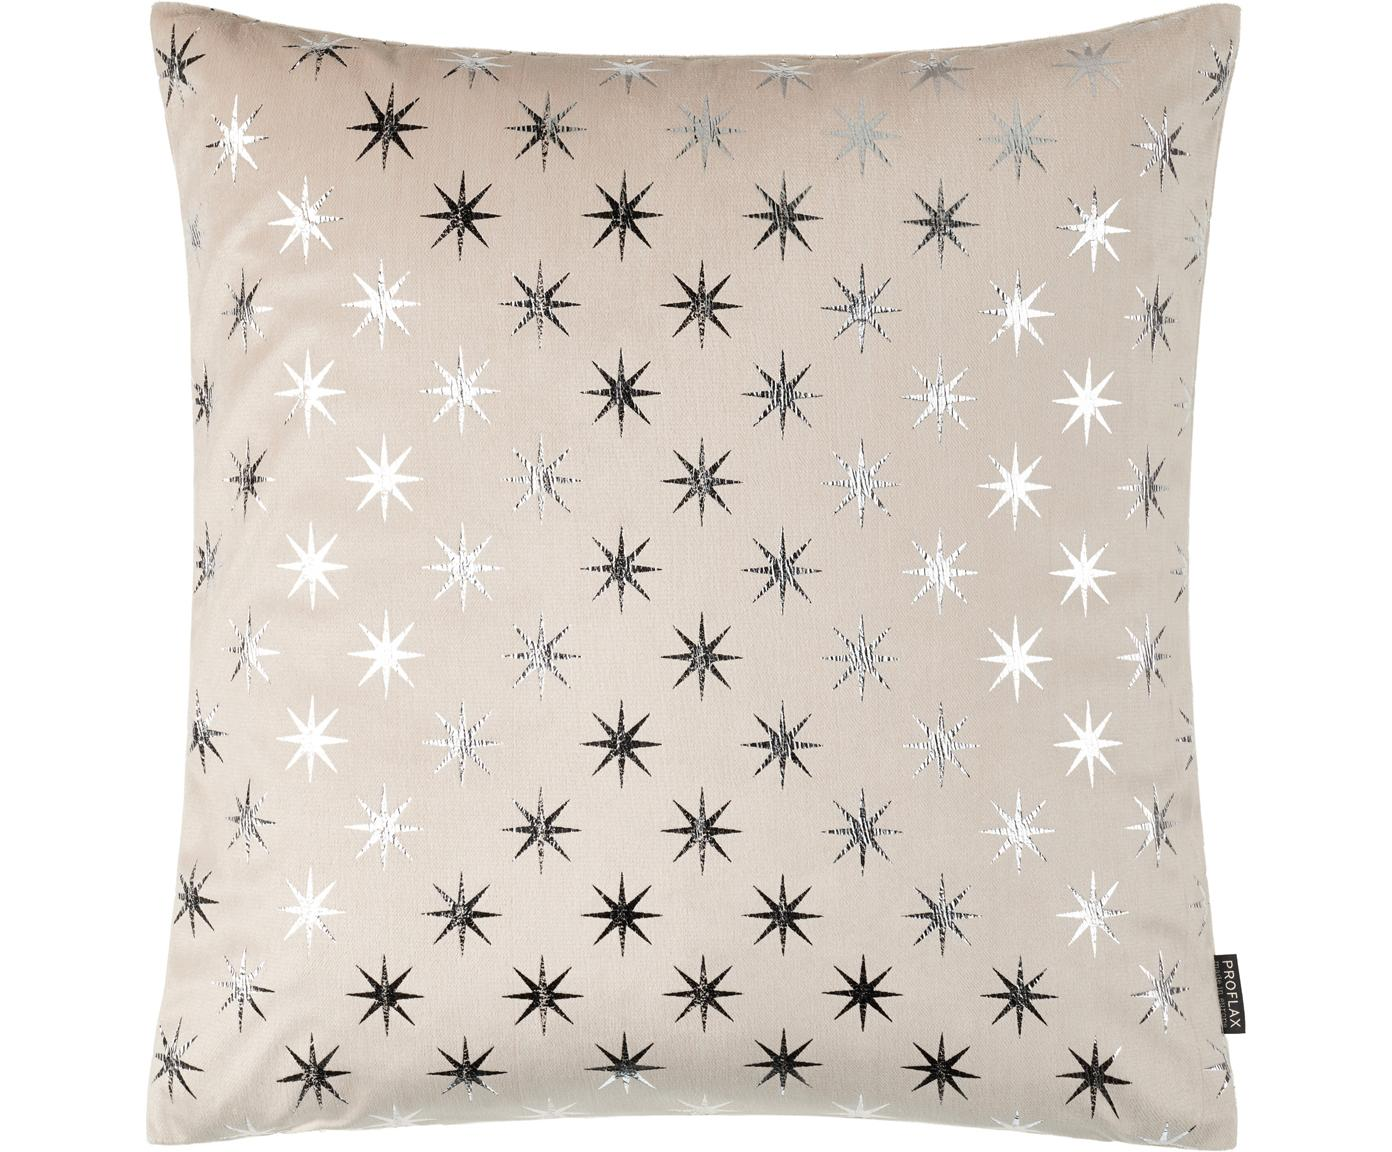 Kussenhoes Cosmos met zilveren sterren, Polyester, Zandkleurig, zilverkleurig, 40 x 40 cm